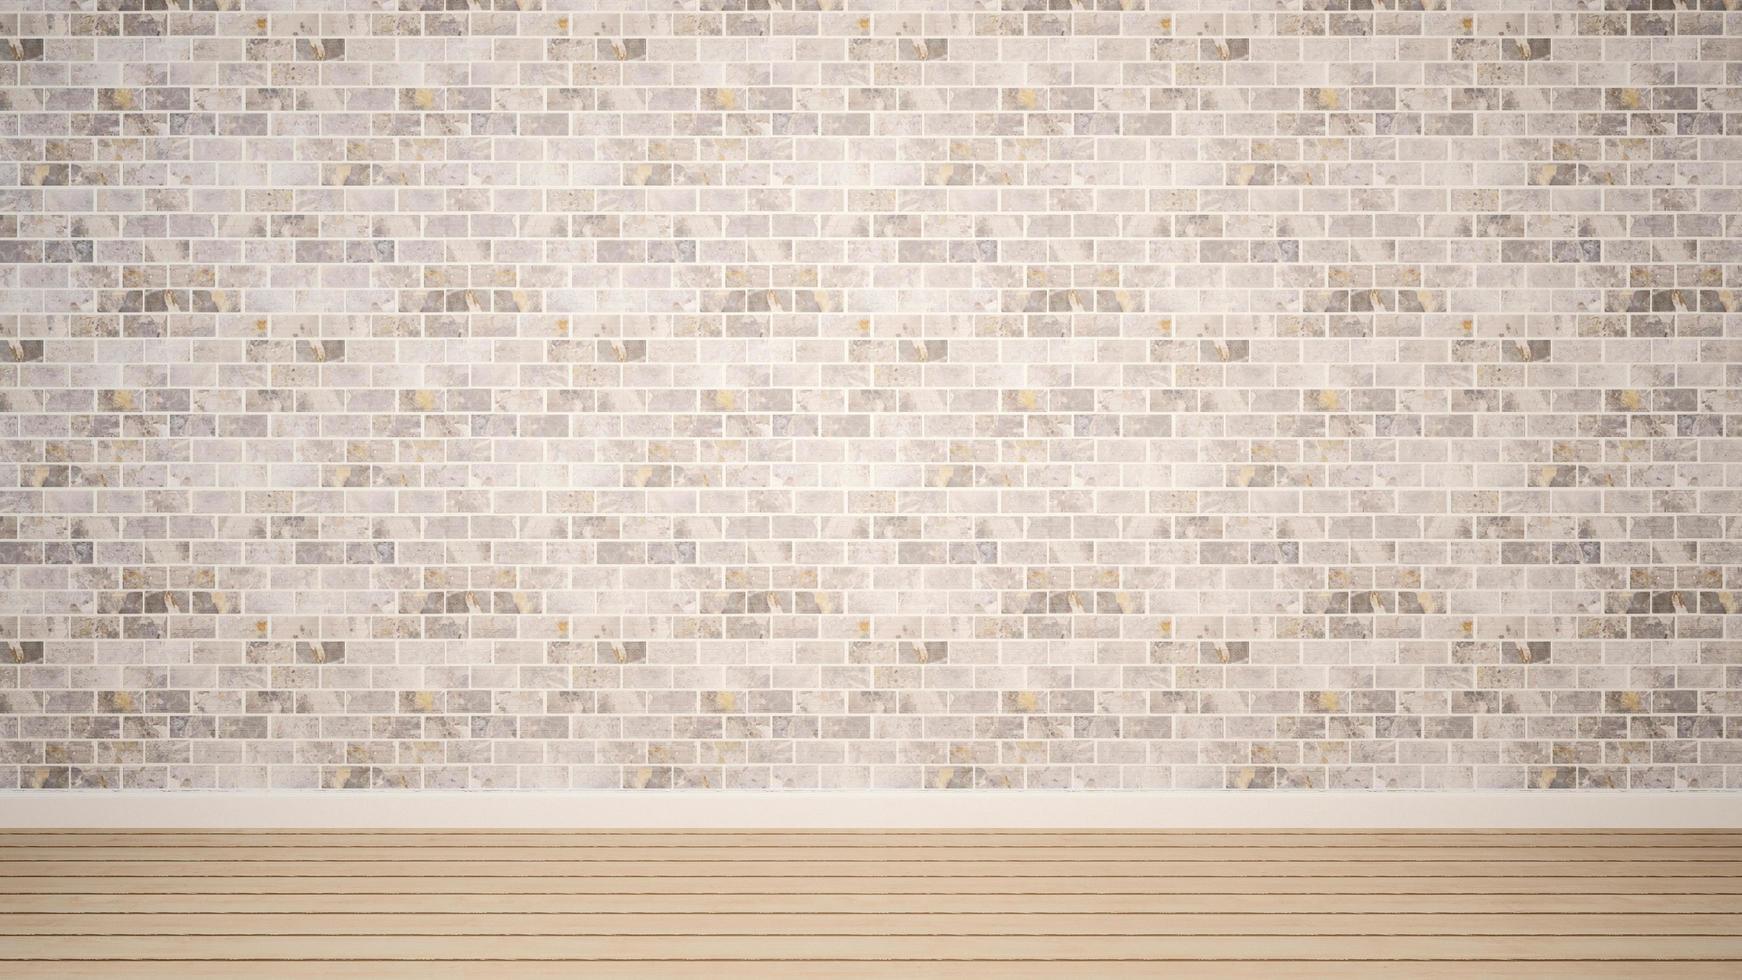 lege kamer en witte bakstenen muur in appartement of huis foto